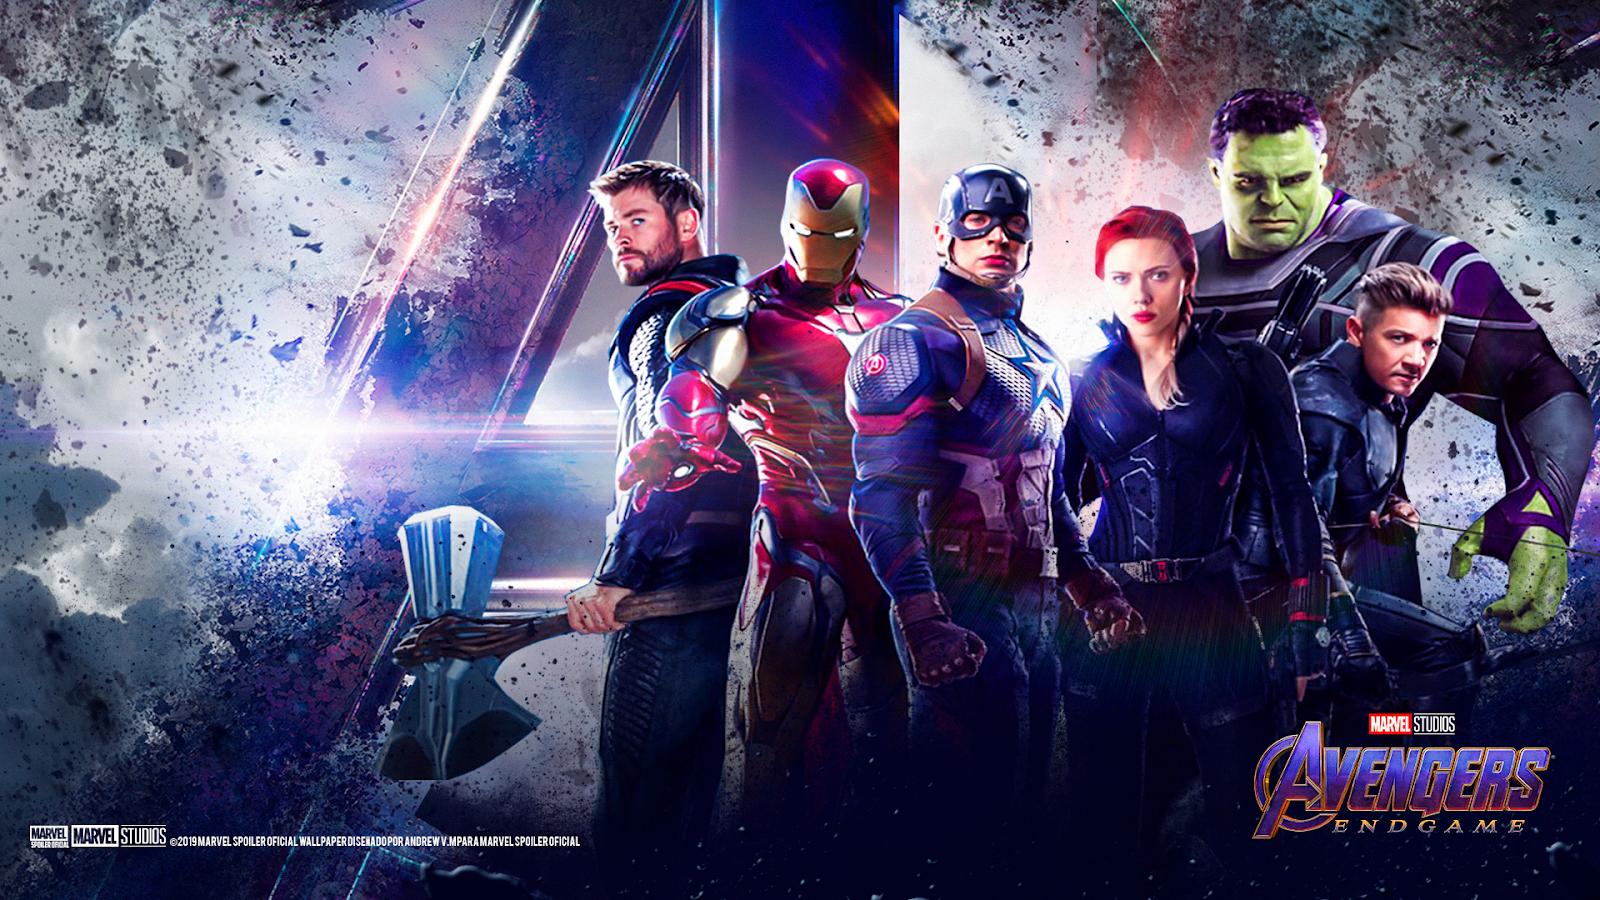 Marvel Avengers Endgame Wallpaper Posted By Ryan Simpson